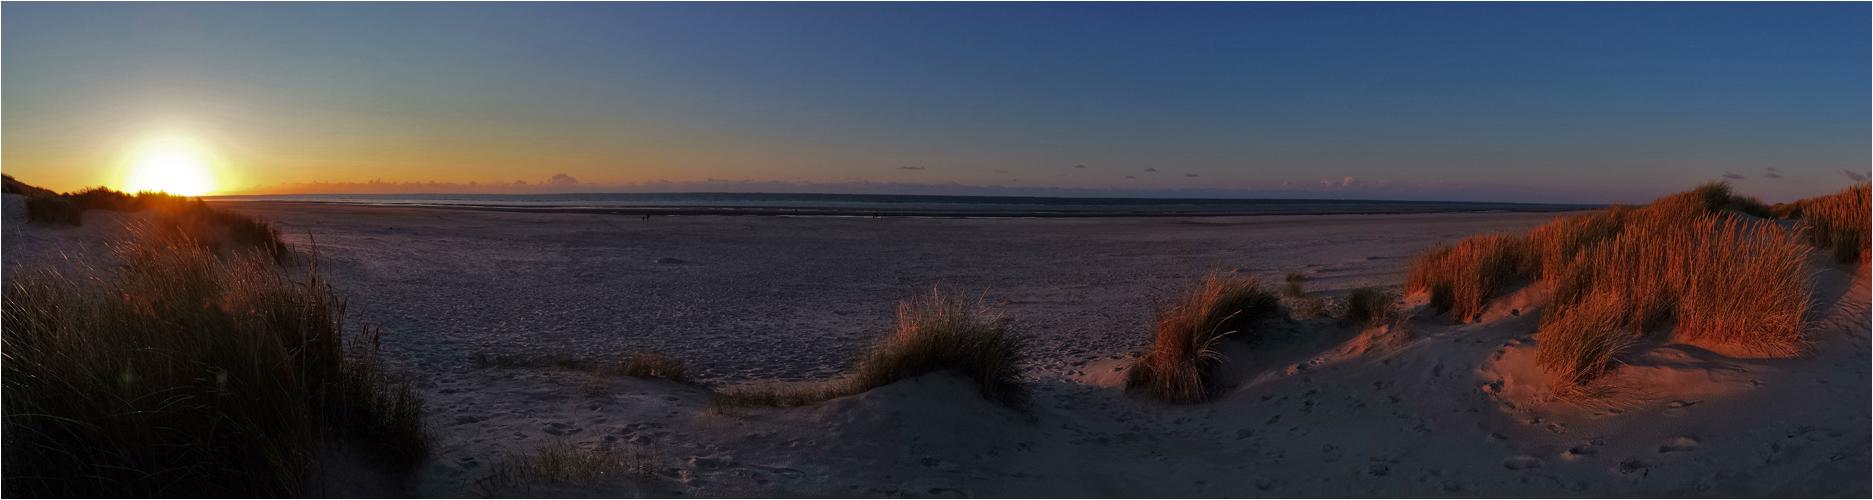 Sonnenuntergang am Strand von Langeoog - Panorama